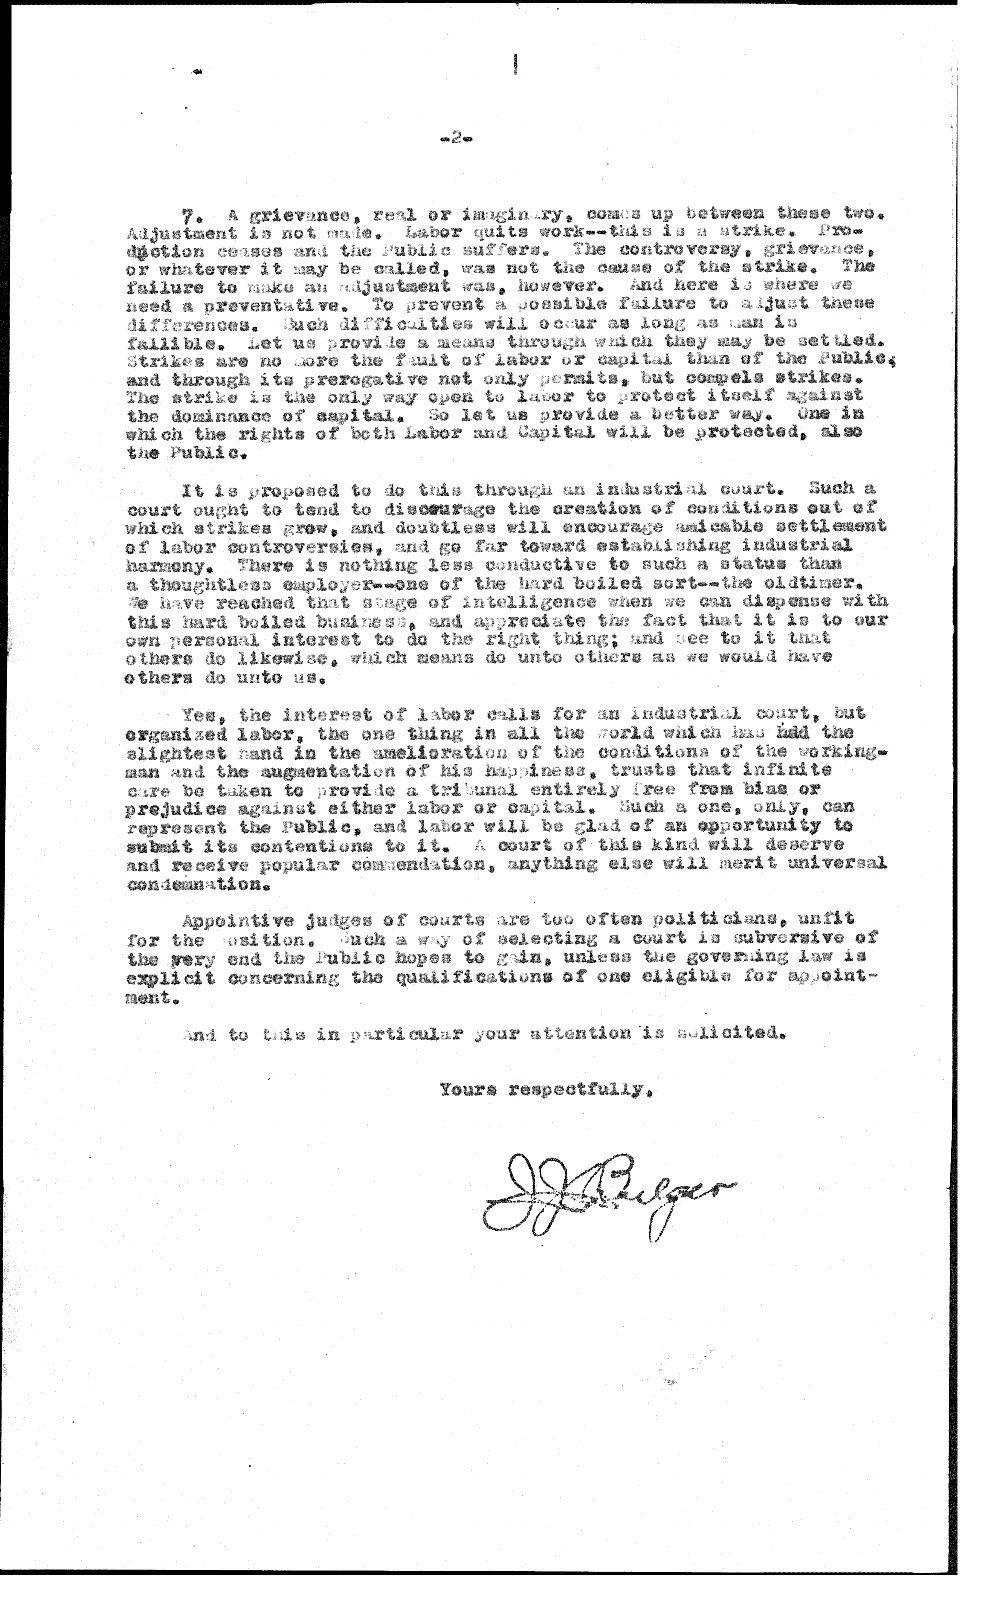 J. J. Bulger to O. W. Sparks - 2